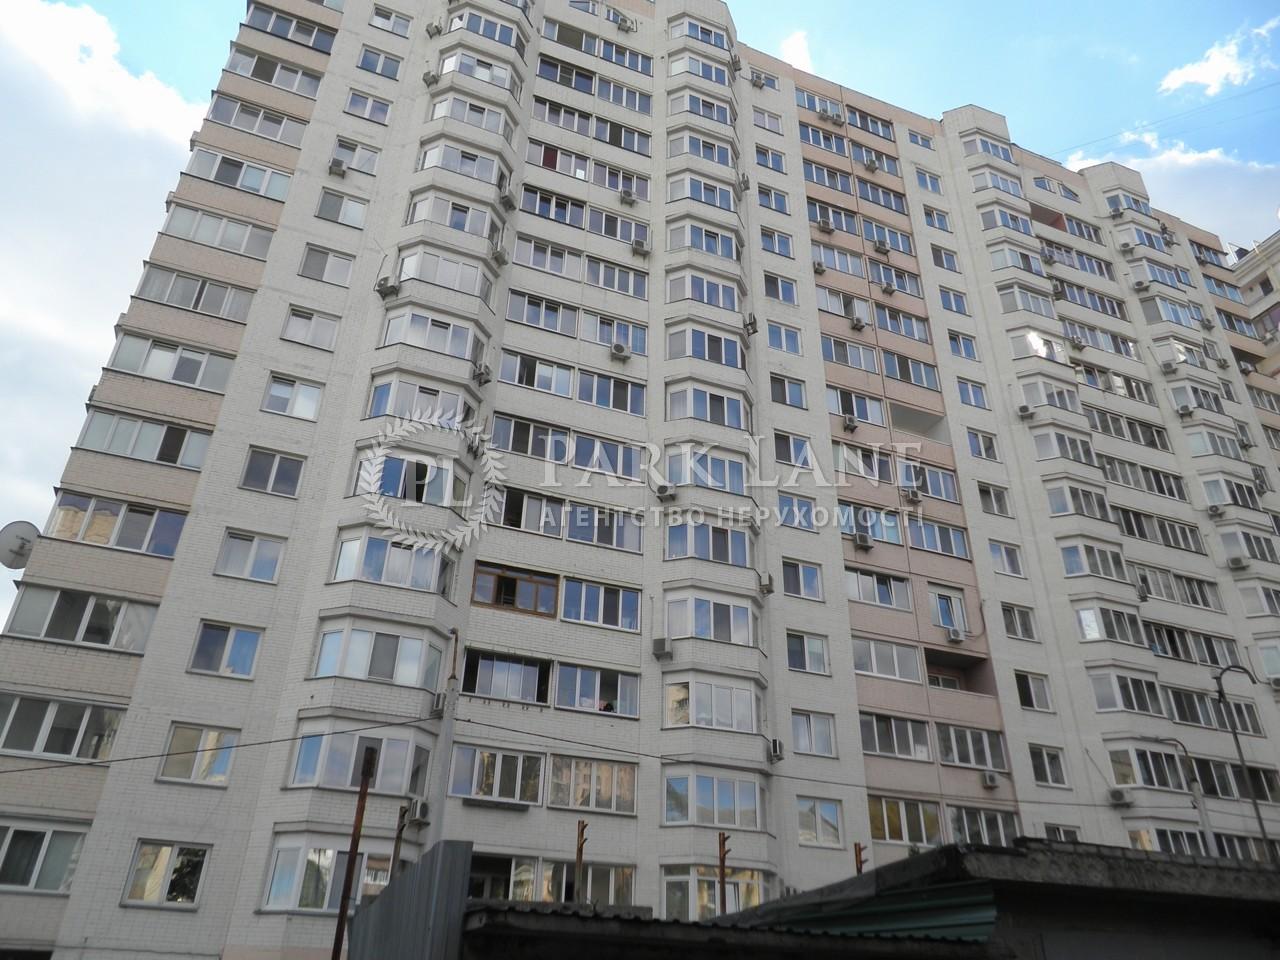 Квартира ул. Гайдара, 27, Киев, Z-711522 - Фото 1